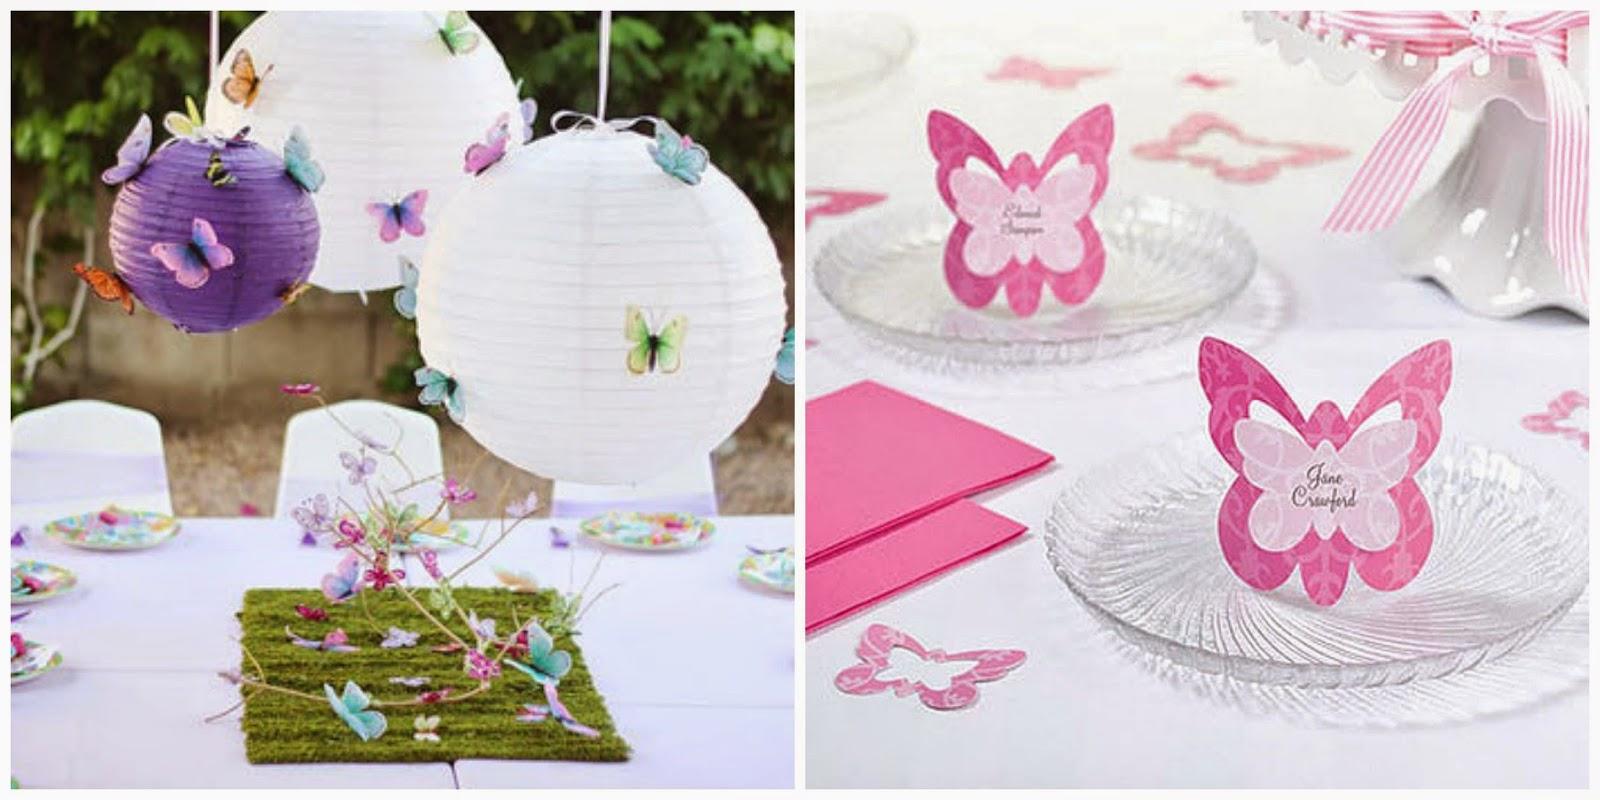 decoracin de cumpleaos con mariposas